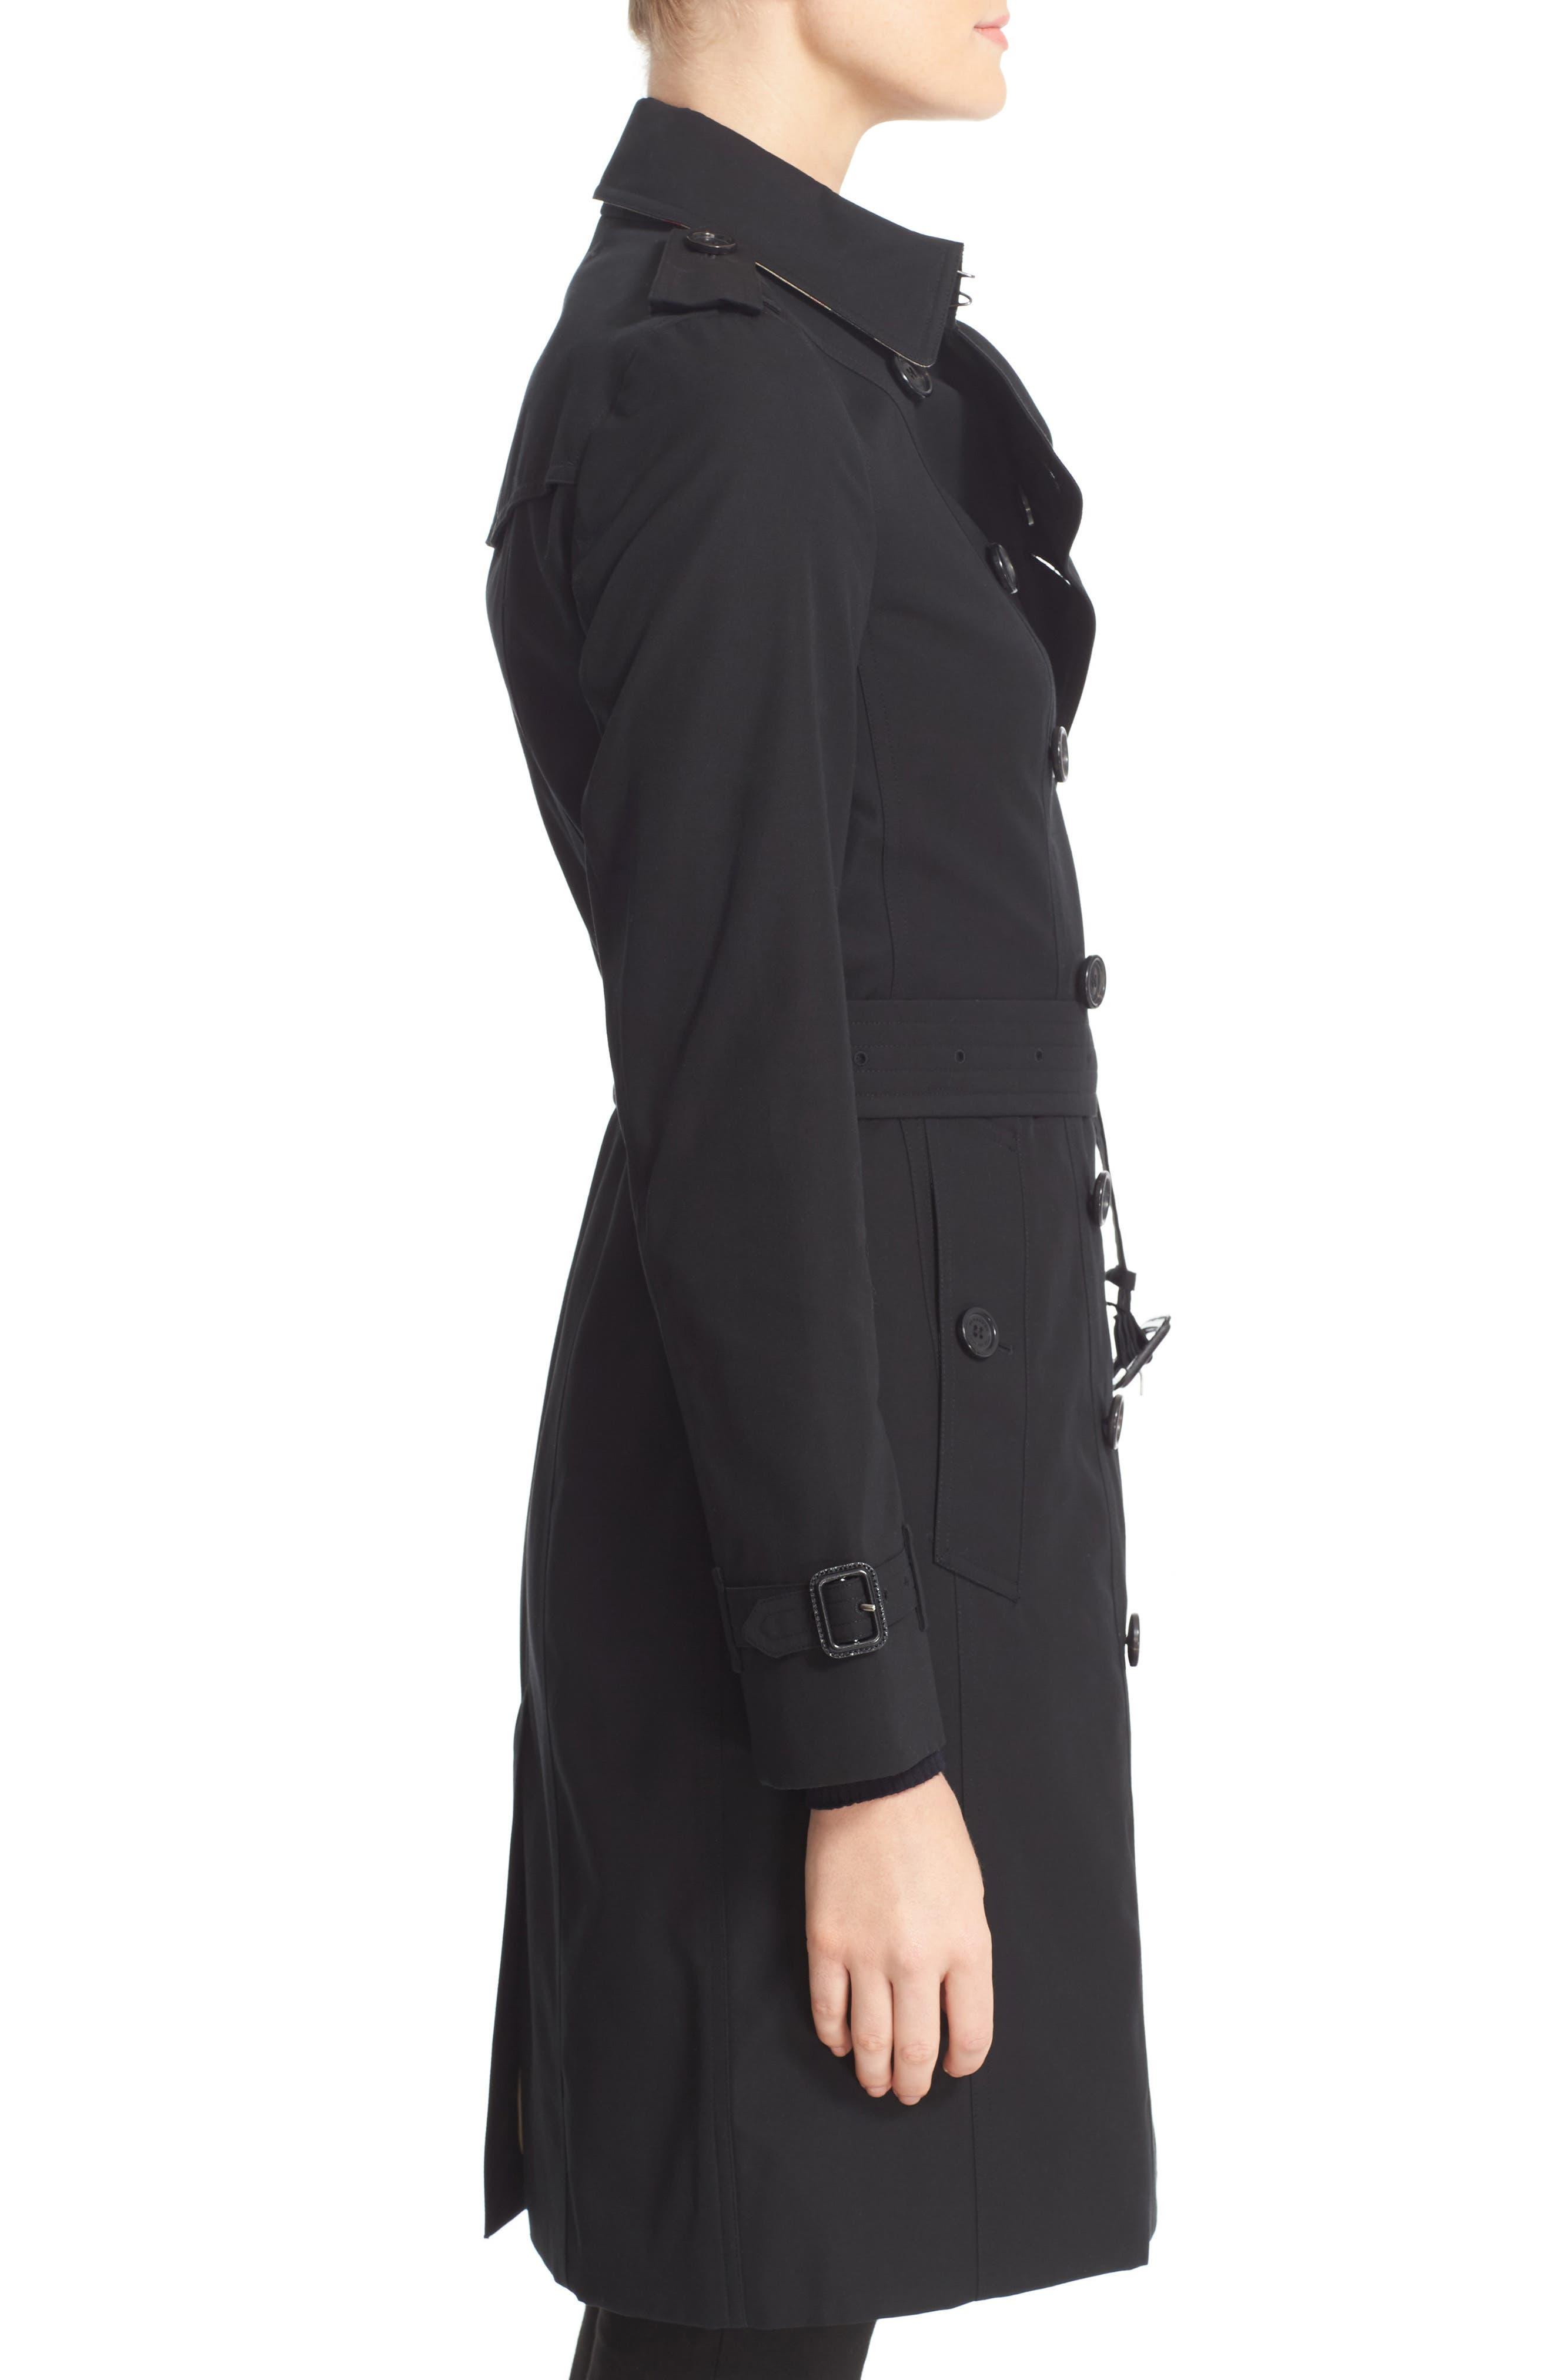 BURBERRY, Sandringham Long Slim Trench Coat, Alternate thumbnail 3, color, BLACK